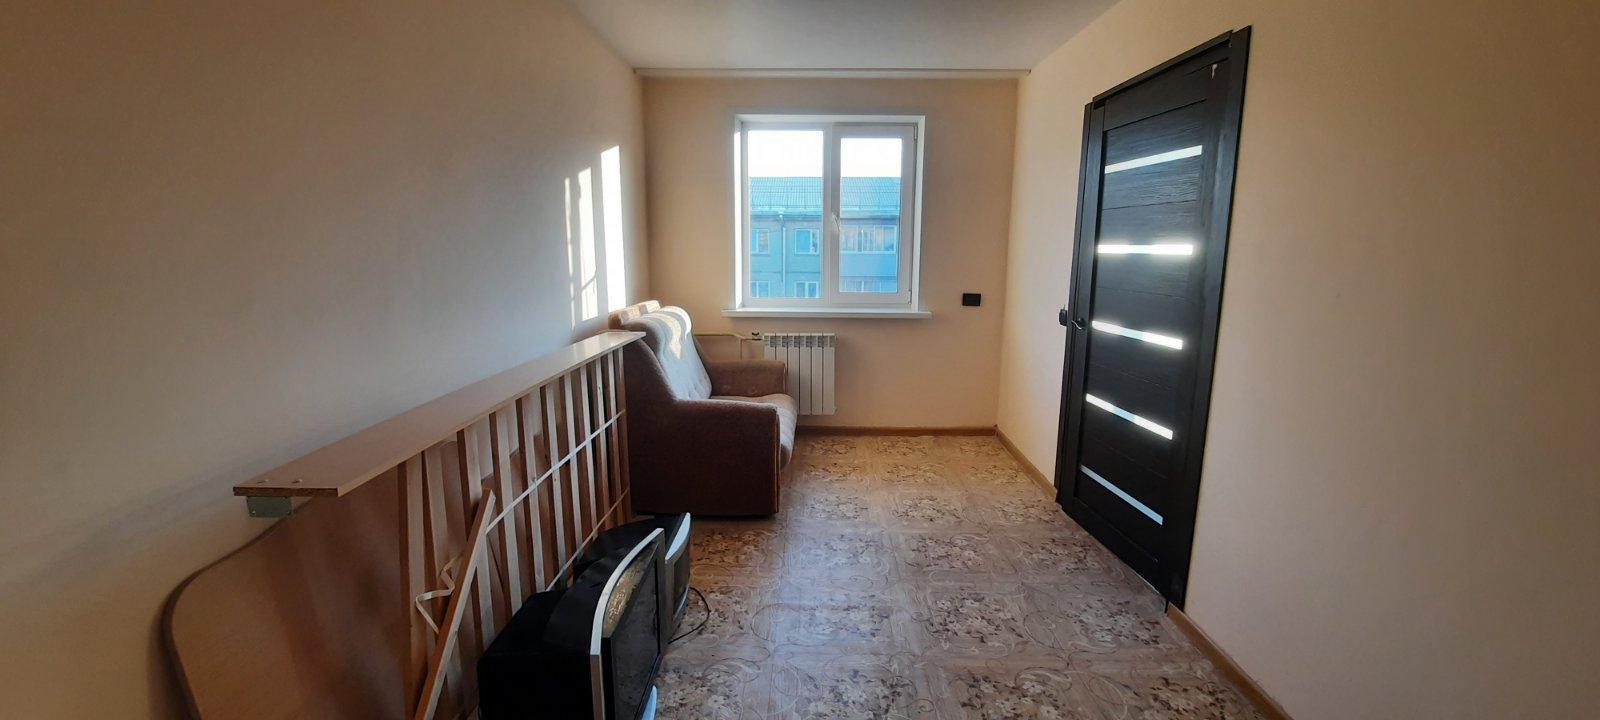 2к квартира улица Кутузова, 27   16000   аренда в Красноярске фото 1